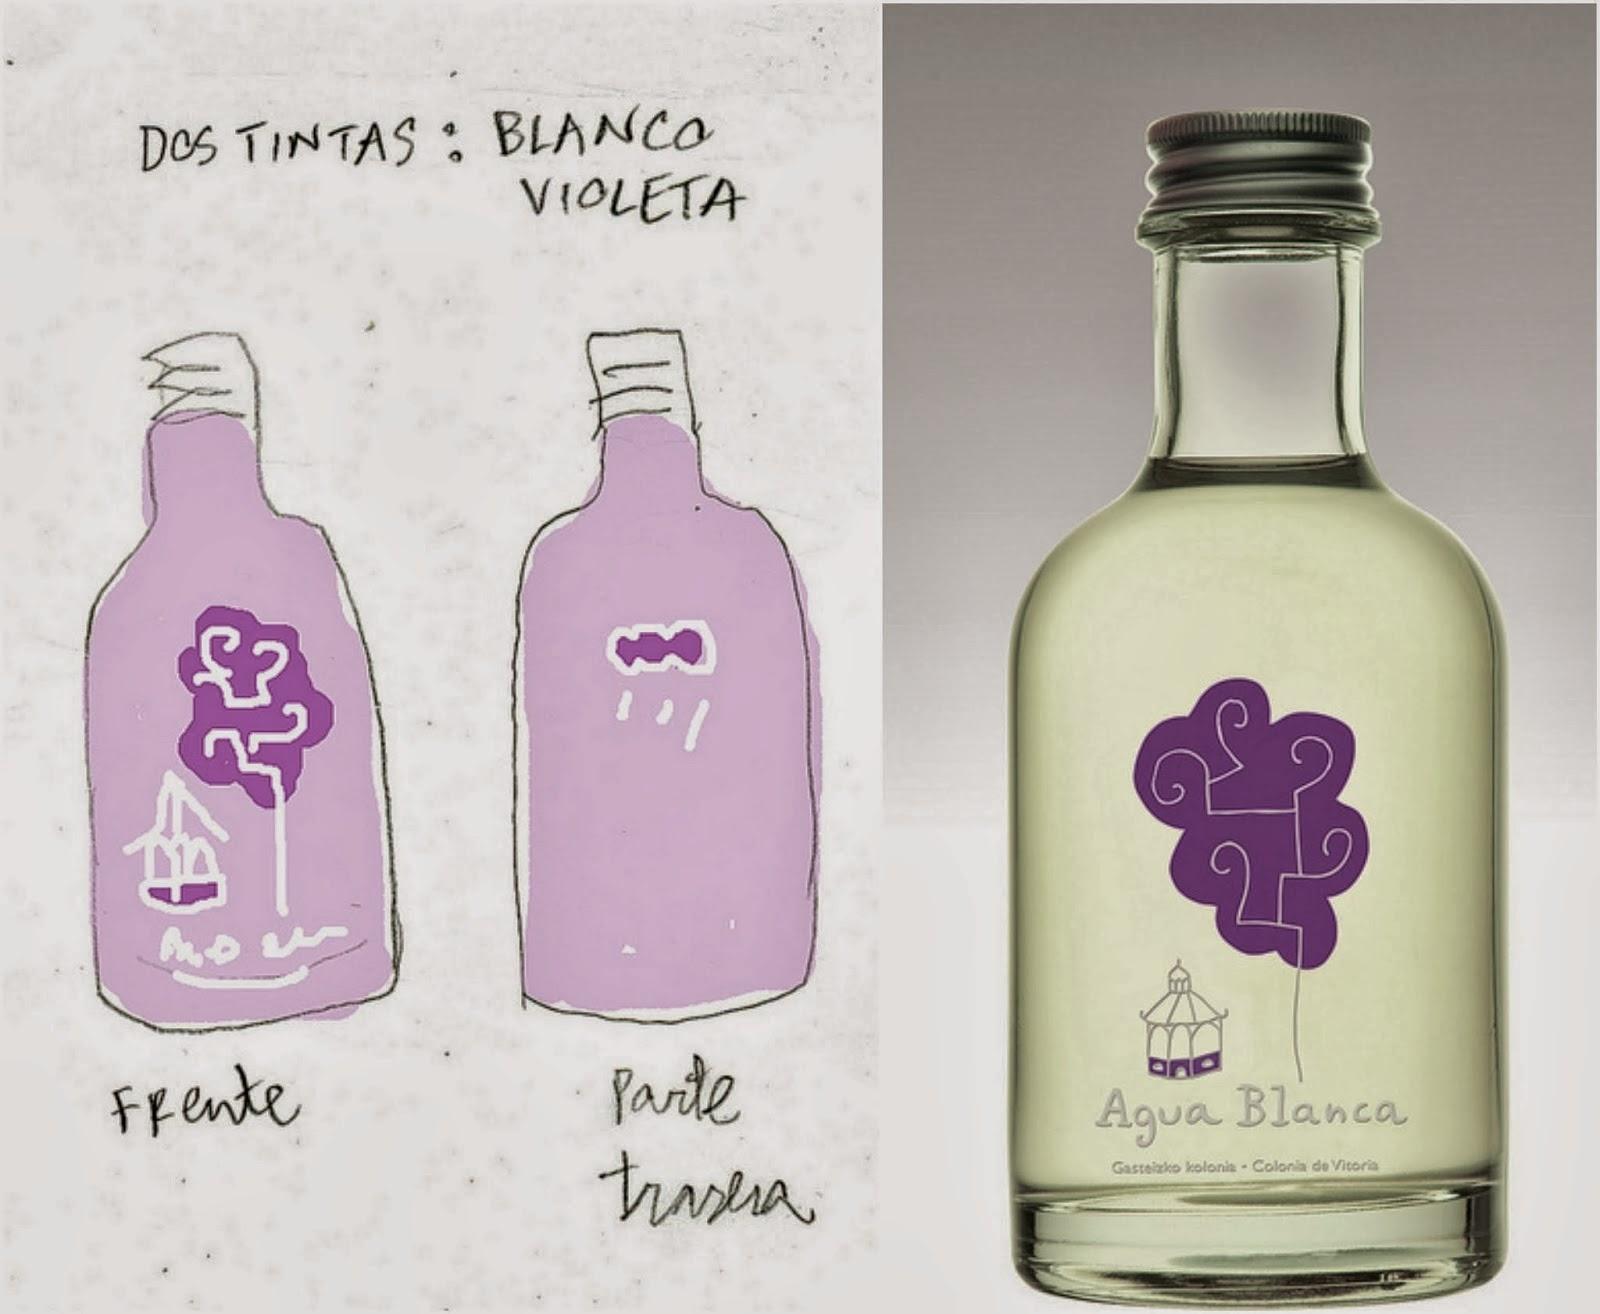 Ibarrondo perfumeria